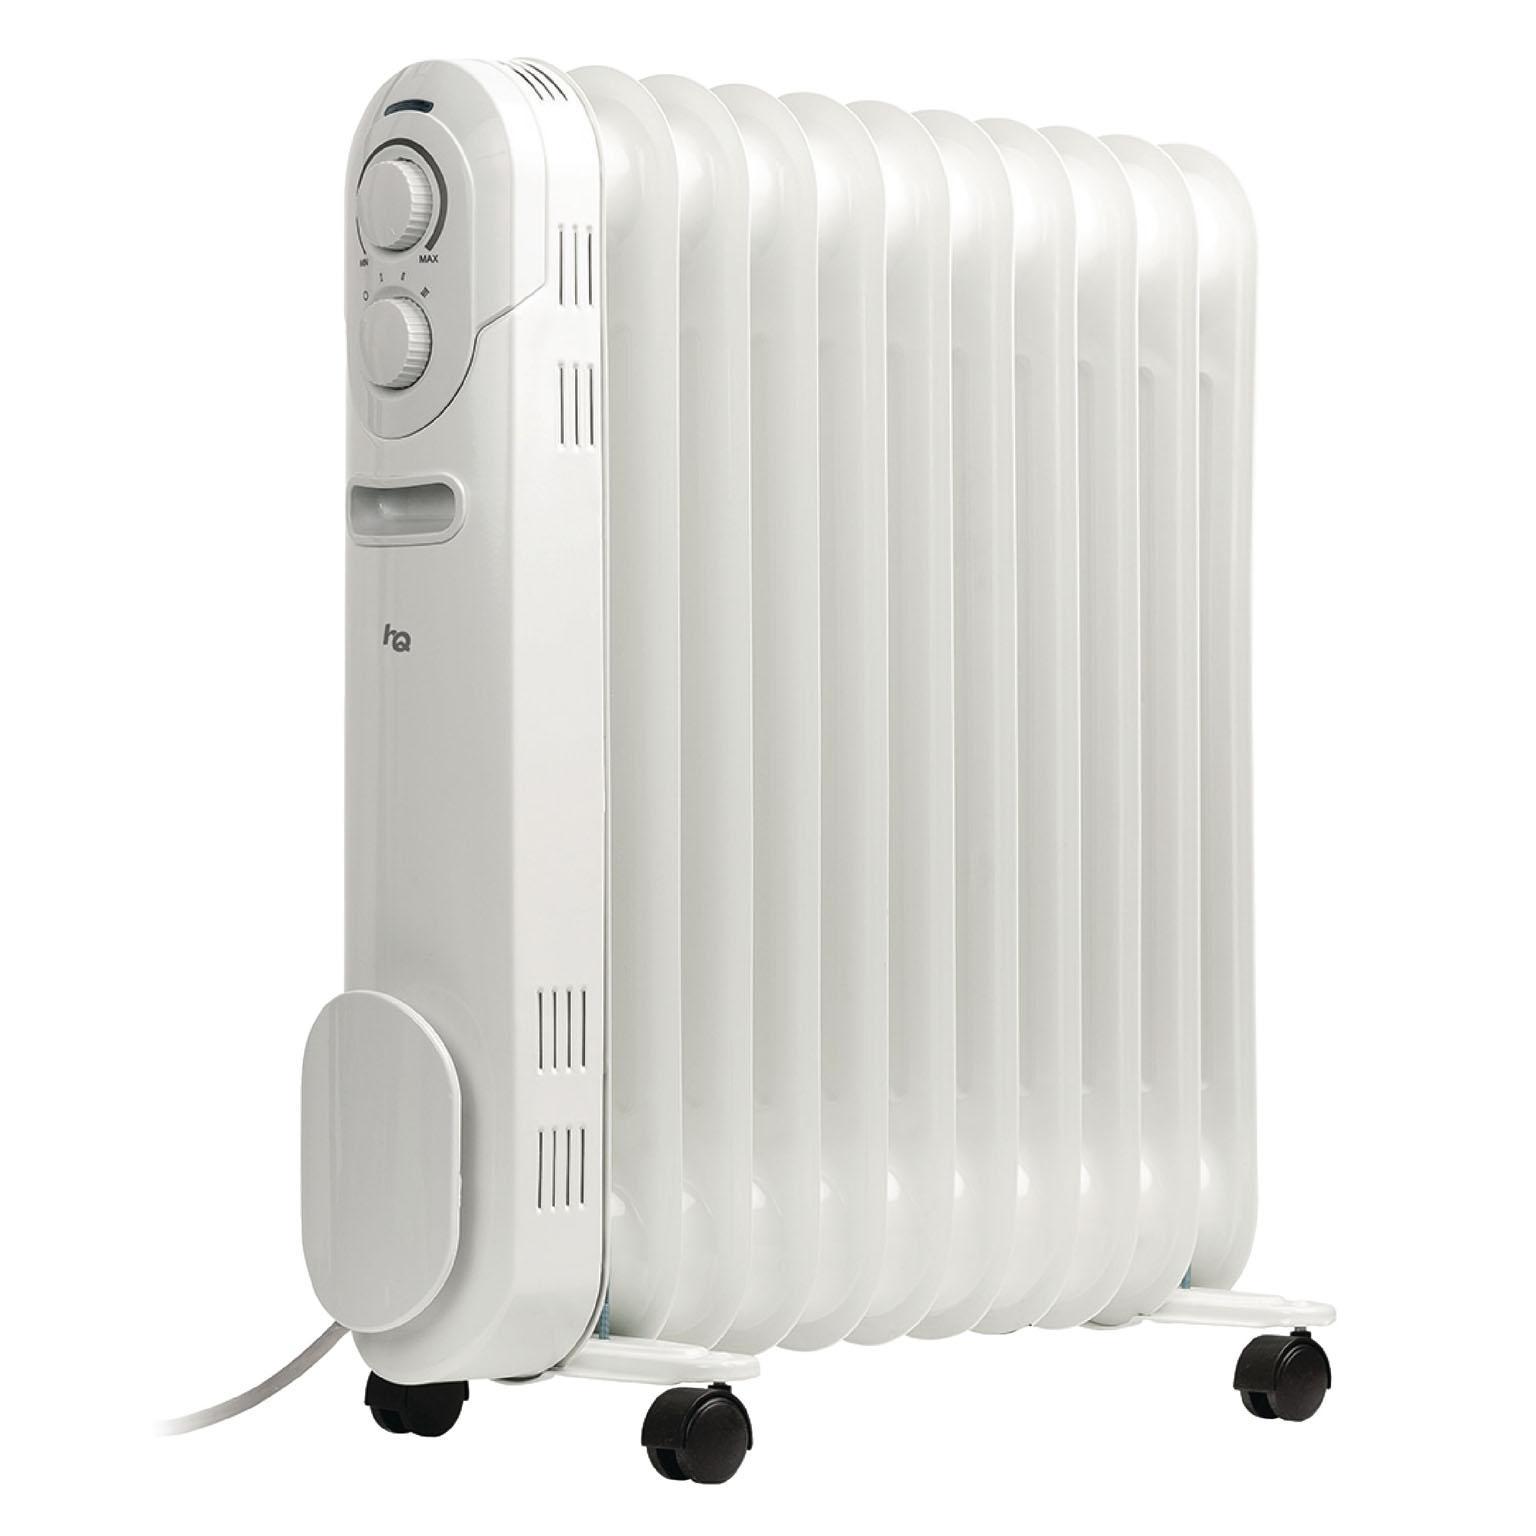 Elektrische Verwarming - Badkamer - Elektrische Verwarming - wit ...